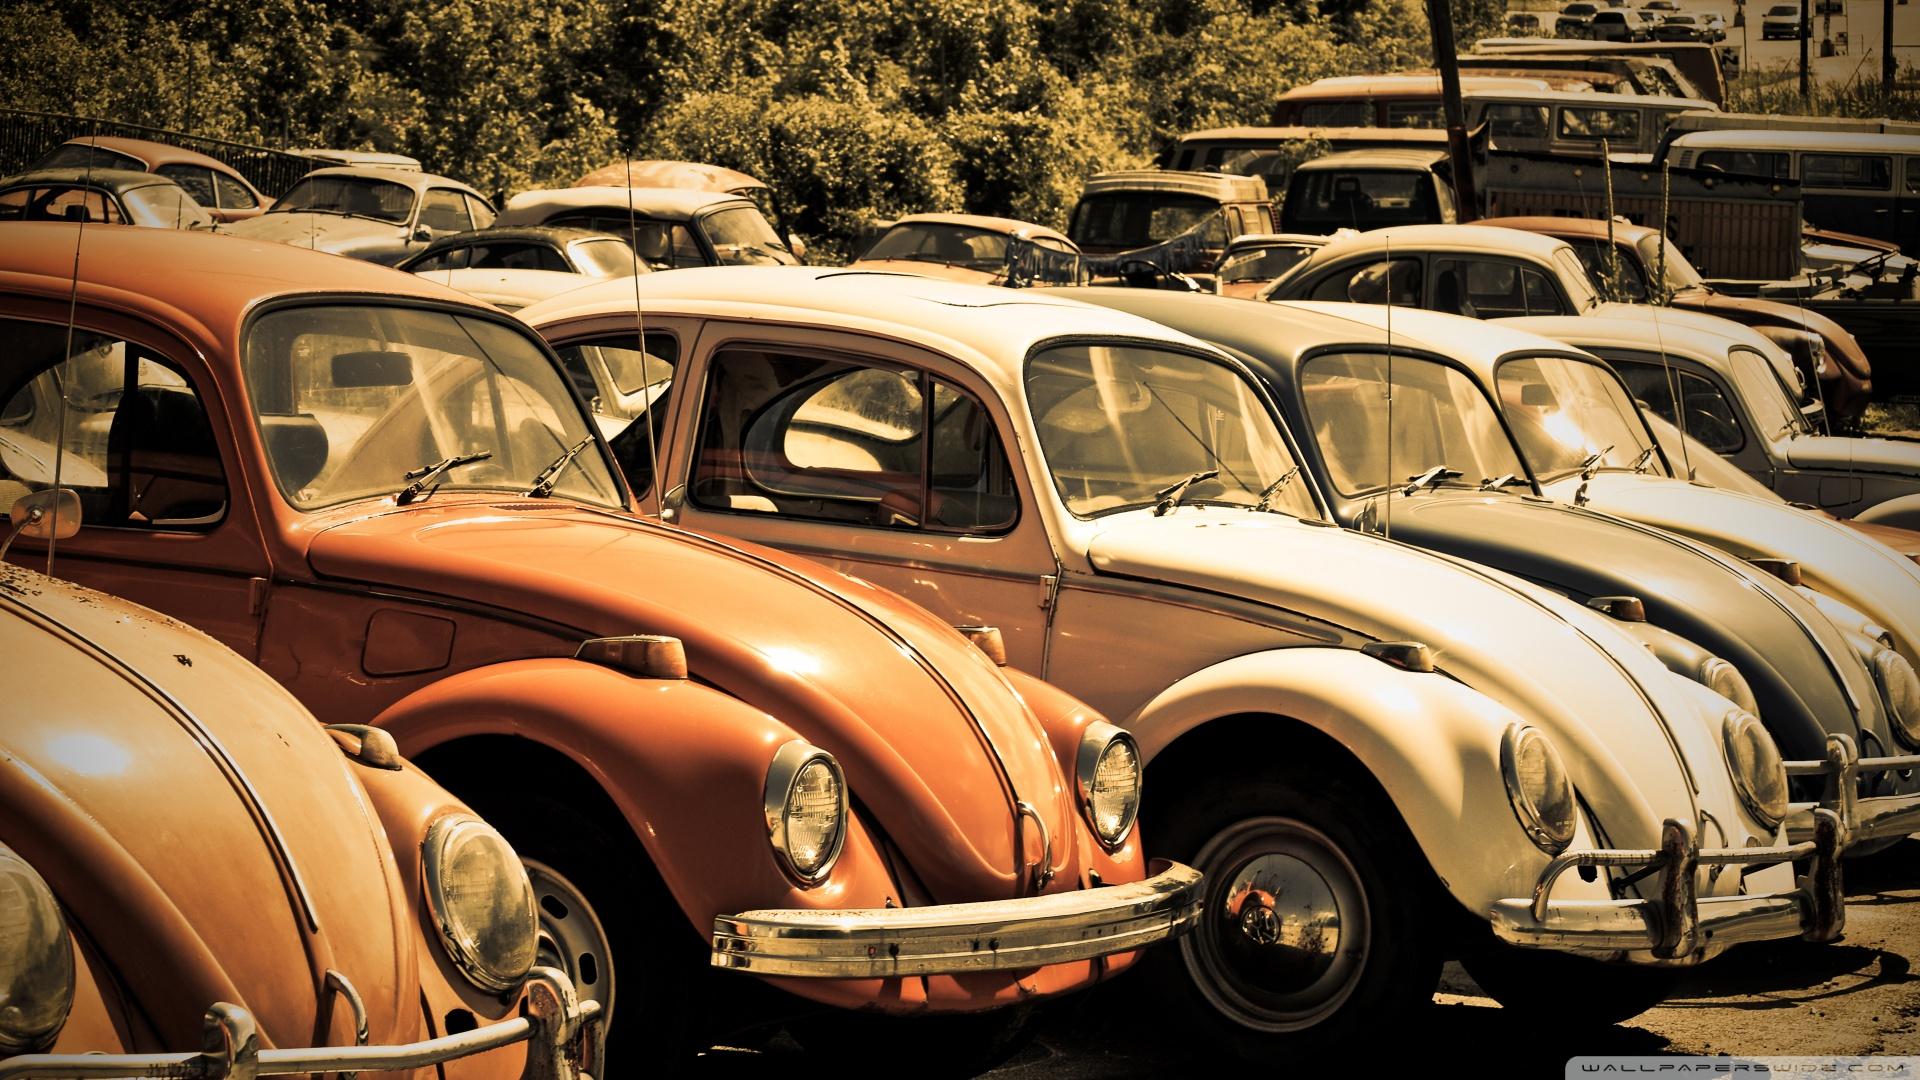 Download old volkswagen beetle junkyard wallpaper 19201080 1920x1080